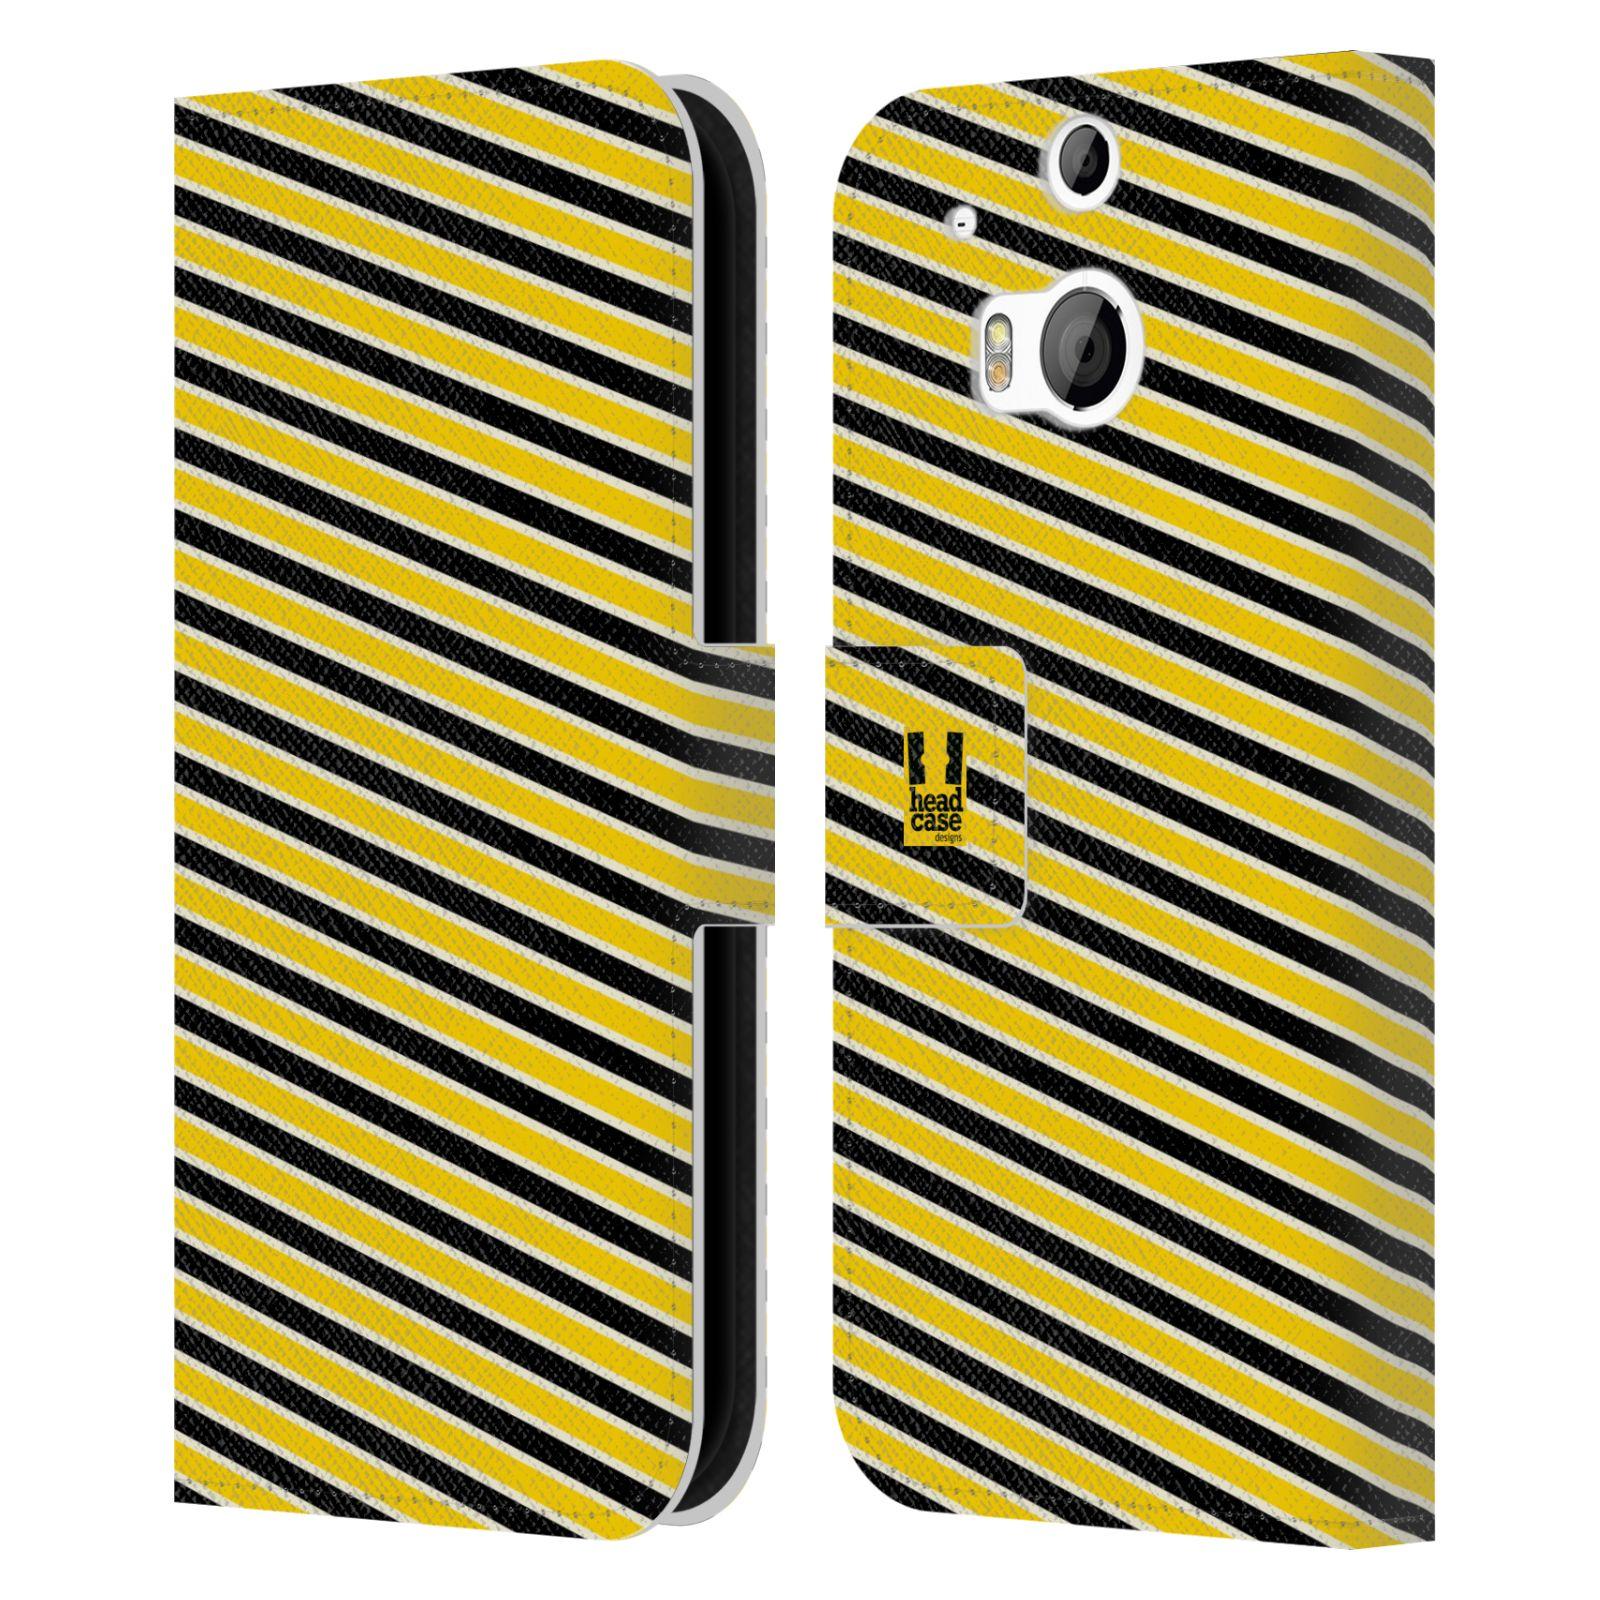 HEAD CASE Flipové pouzdro pro mobil HTC ONE (M8, M8s) VČELÍ VZOR pruhy žlutá a černá